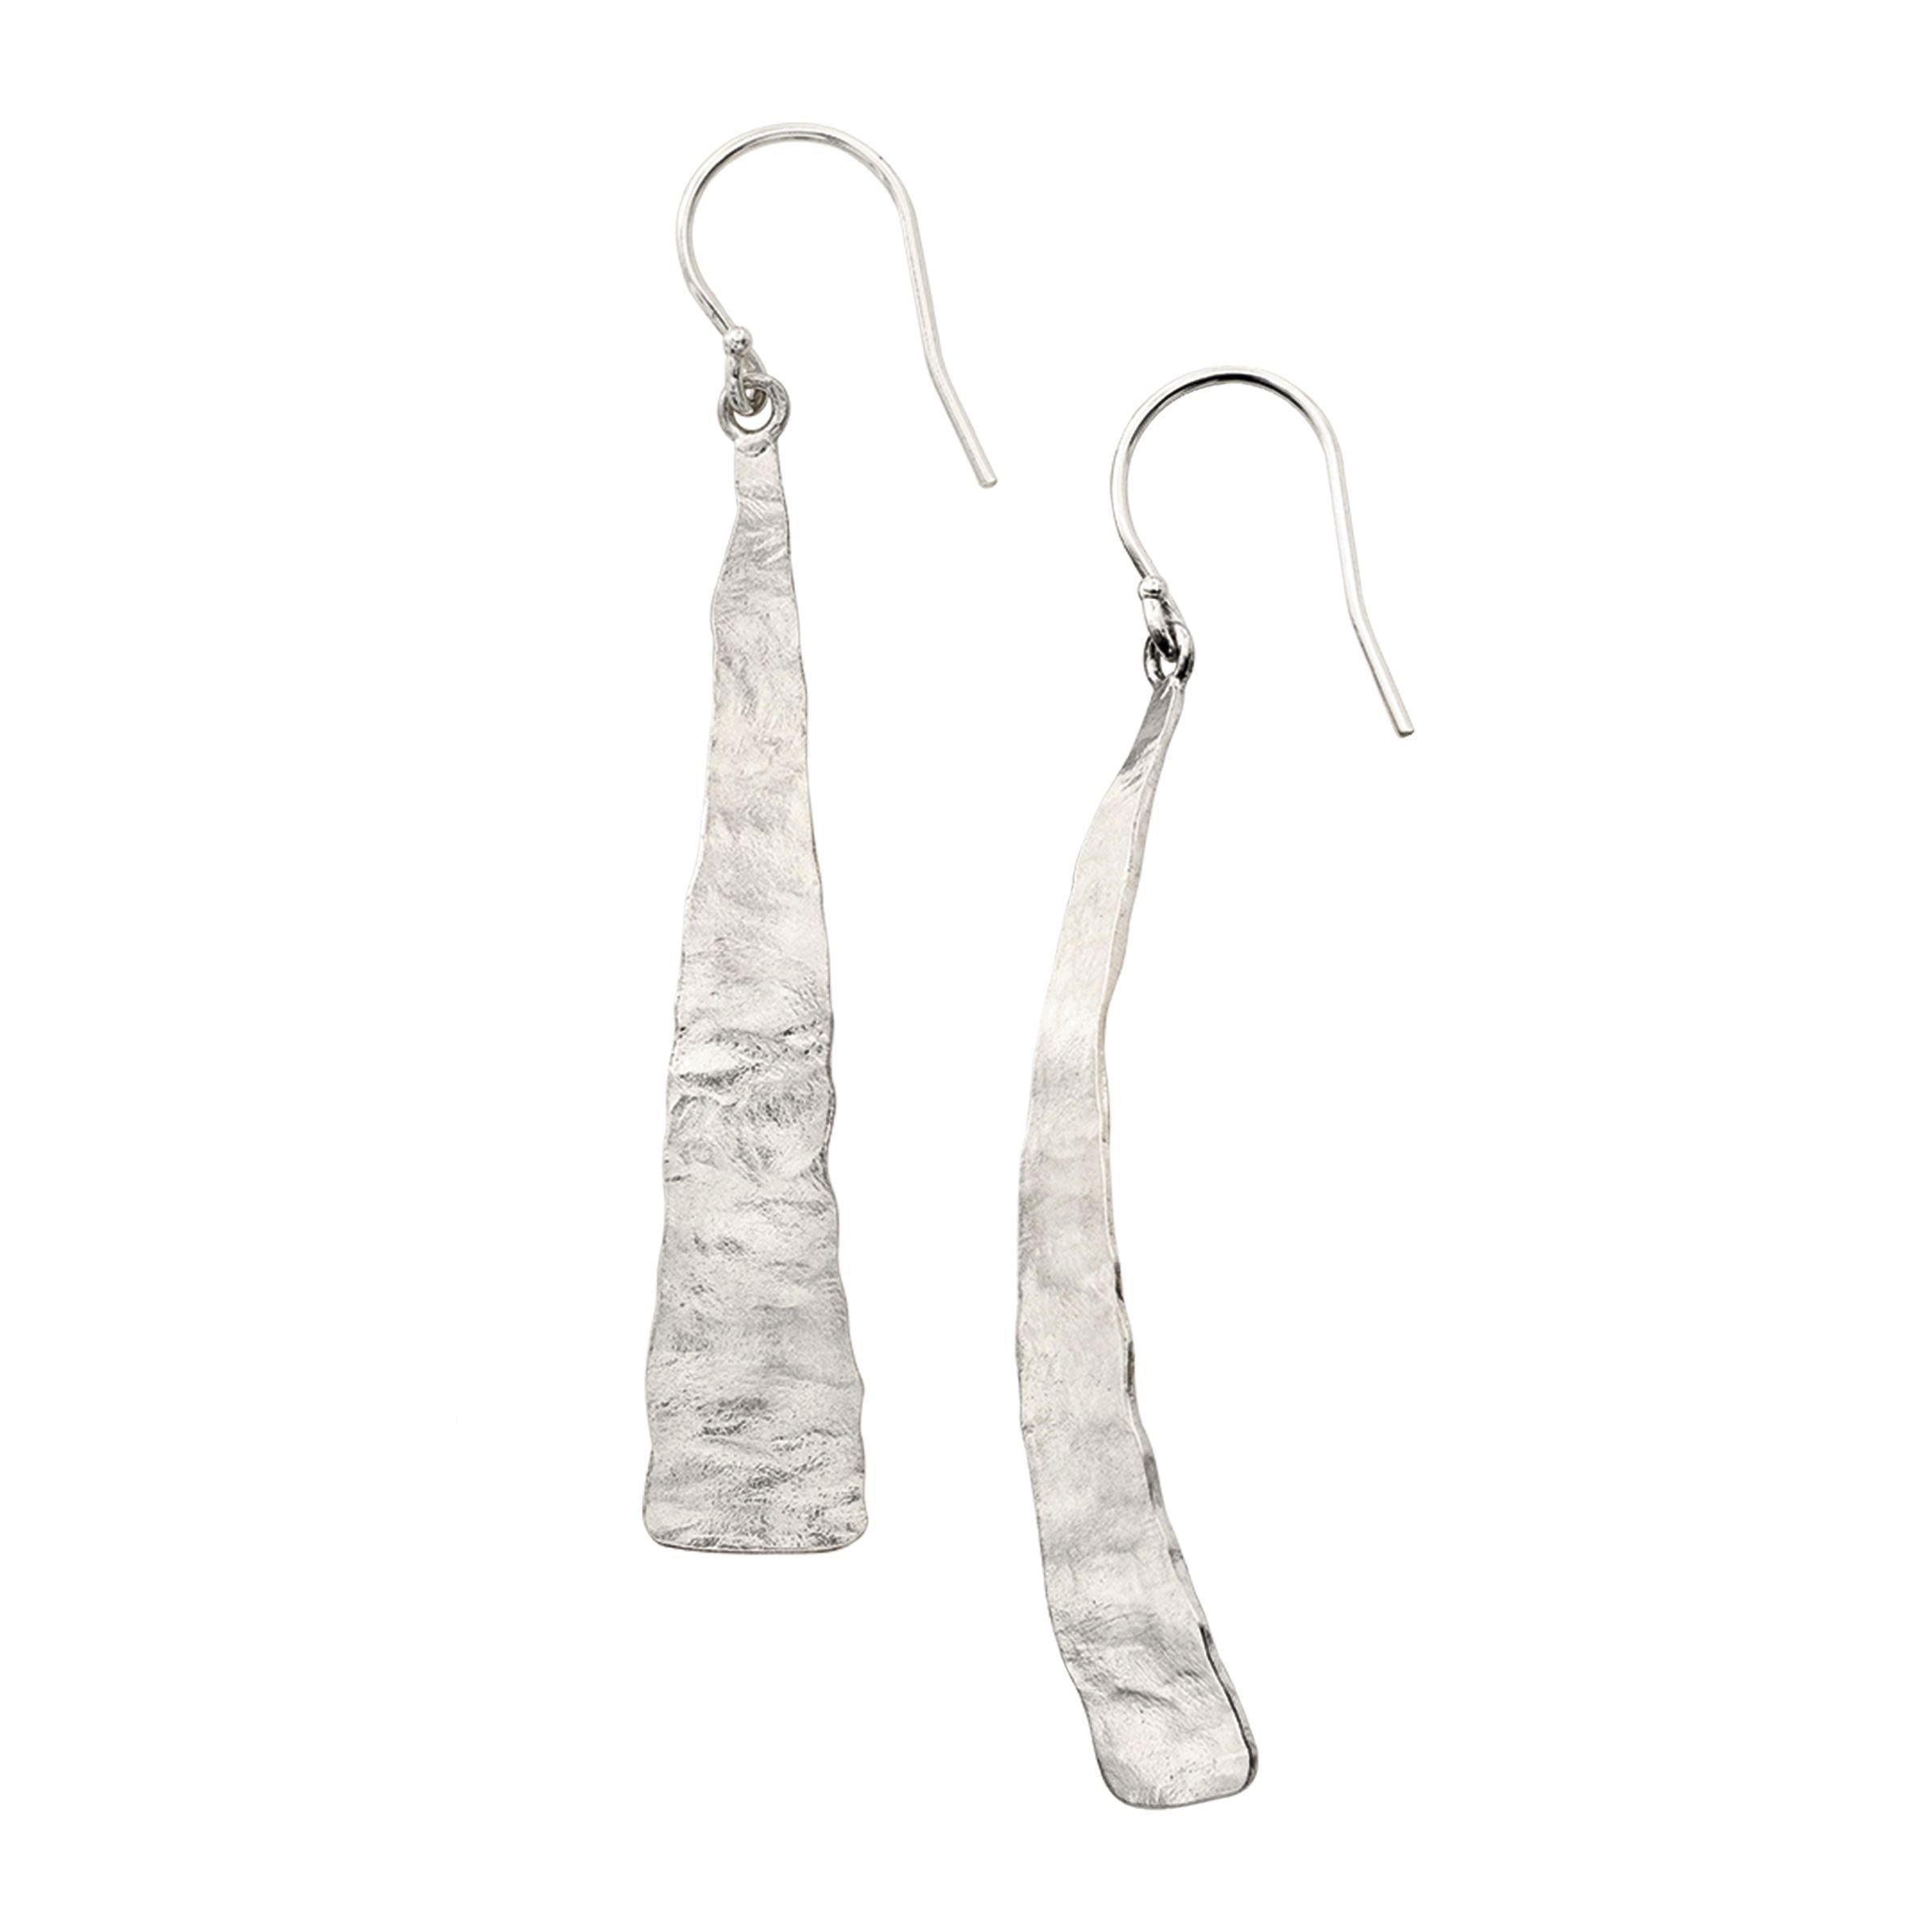 94aadf14c Silpada 'Winding River' Curved Drop Earrings in Textured Sterling ...